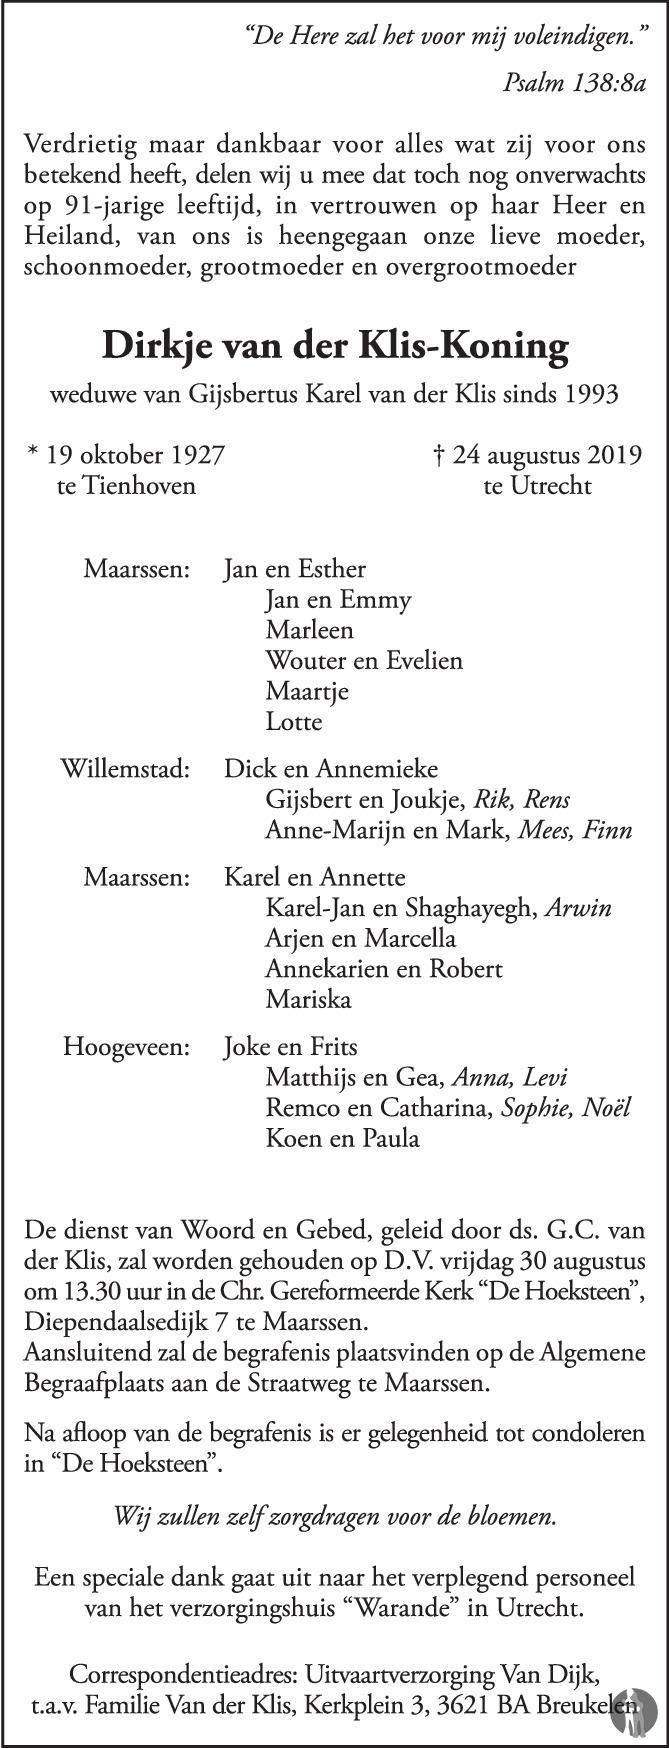 Overlijdensbericht van  Dirkje van der Klis - Koning in AD Algemeen Dagblad